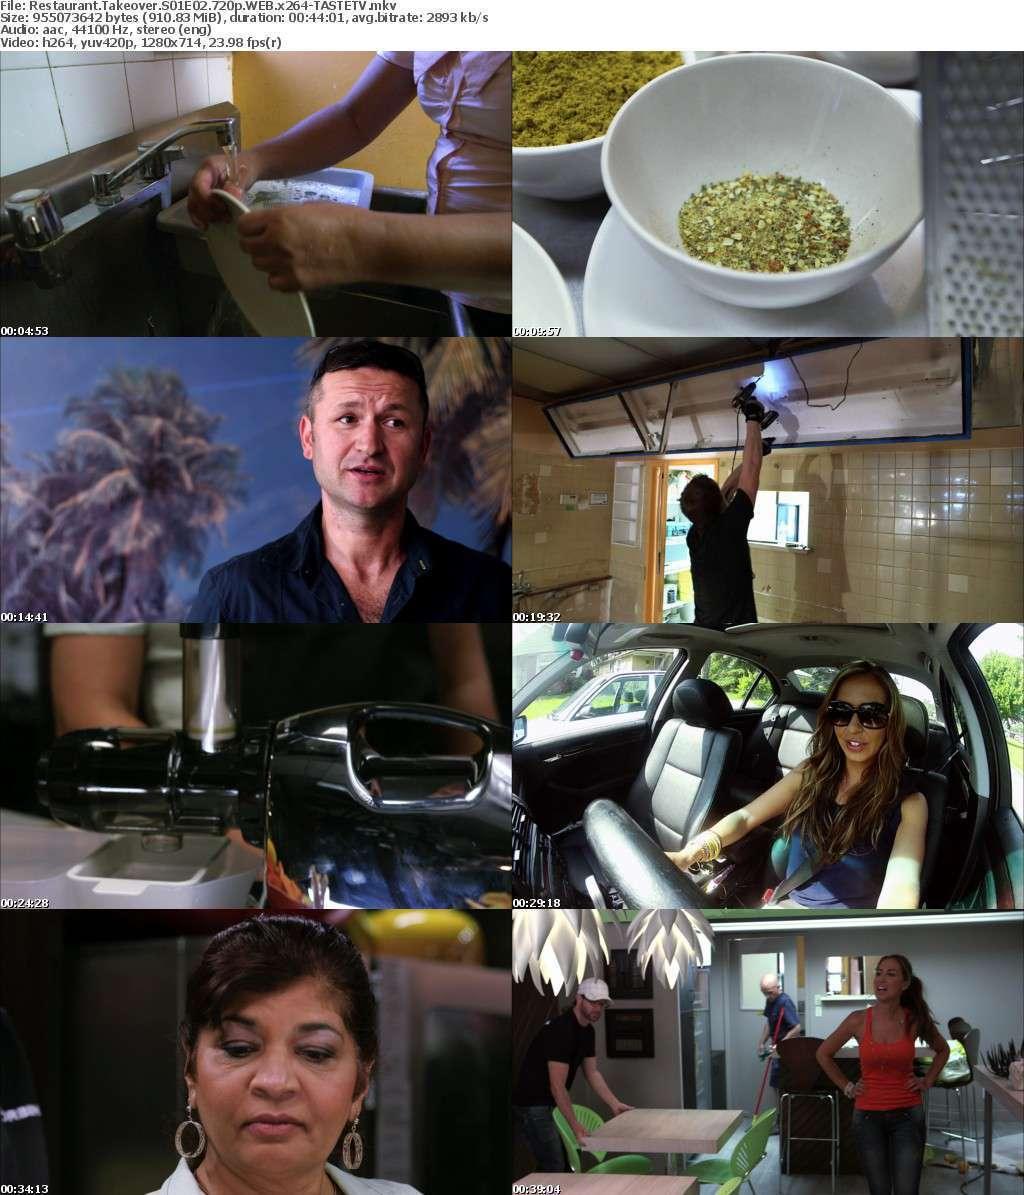 Restaurant Takeover S01E02 720p WEB x264-TASTETV